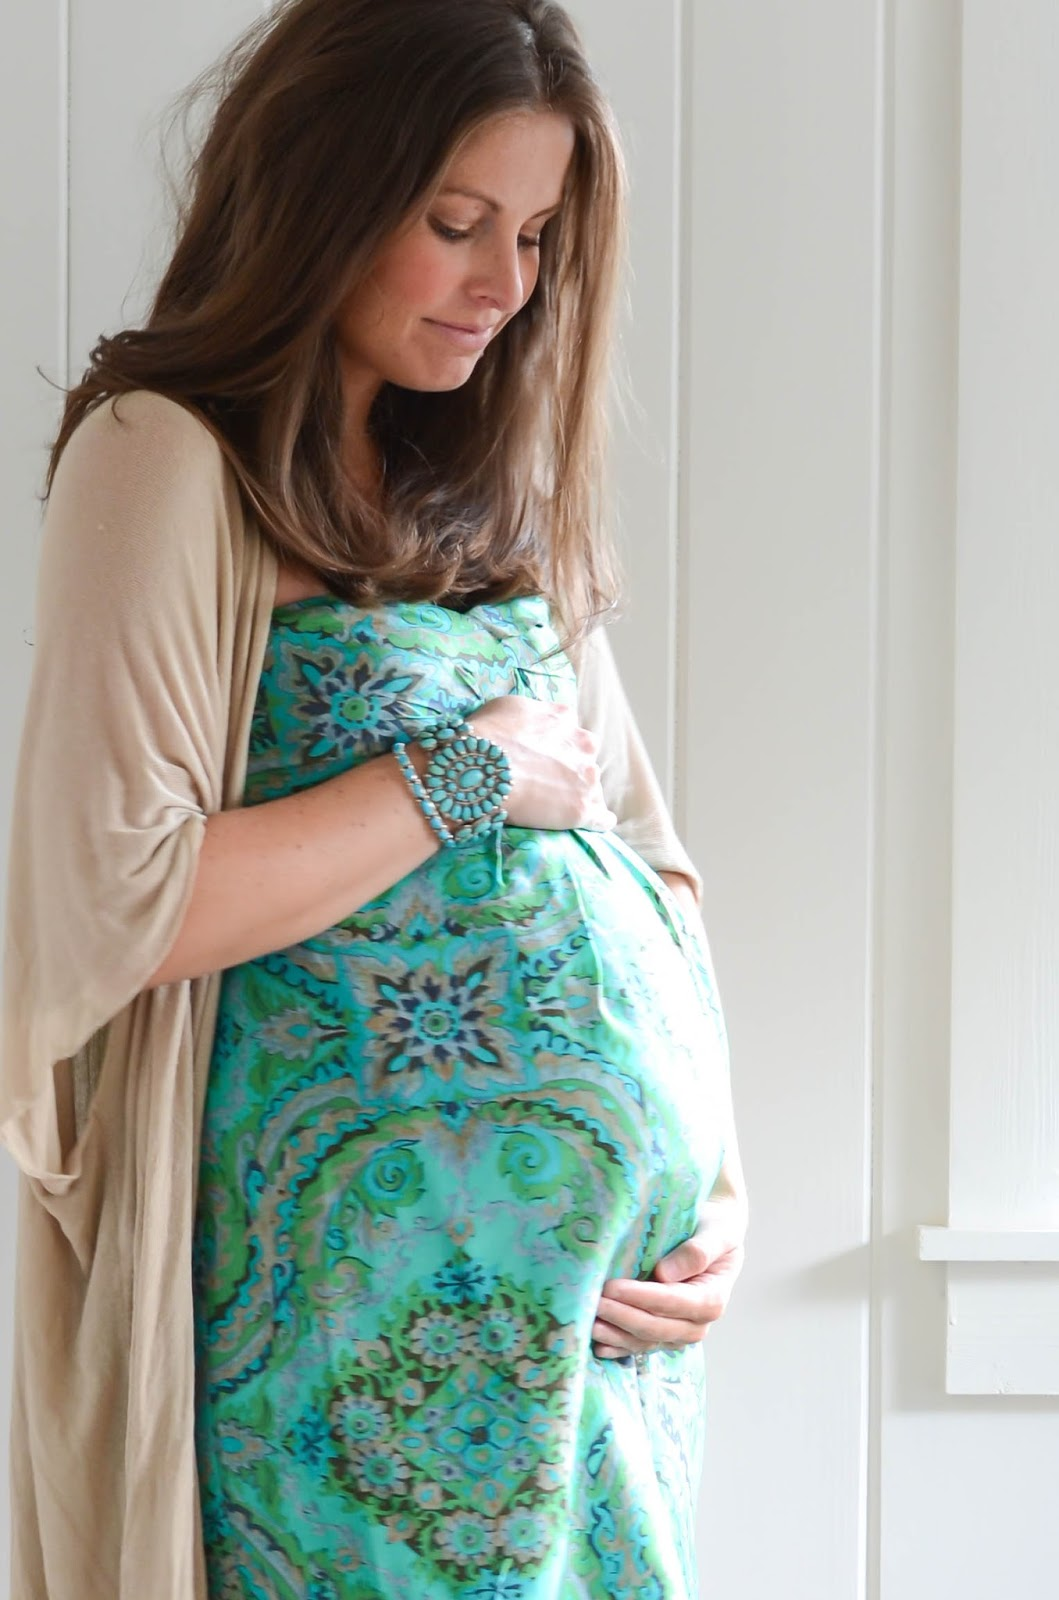 20+Weeks+Pregnant+Twins+(4).jpg